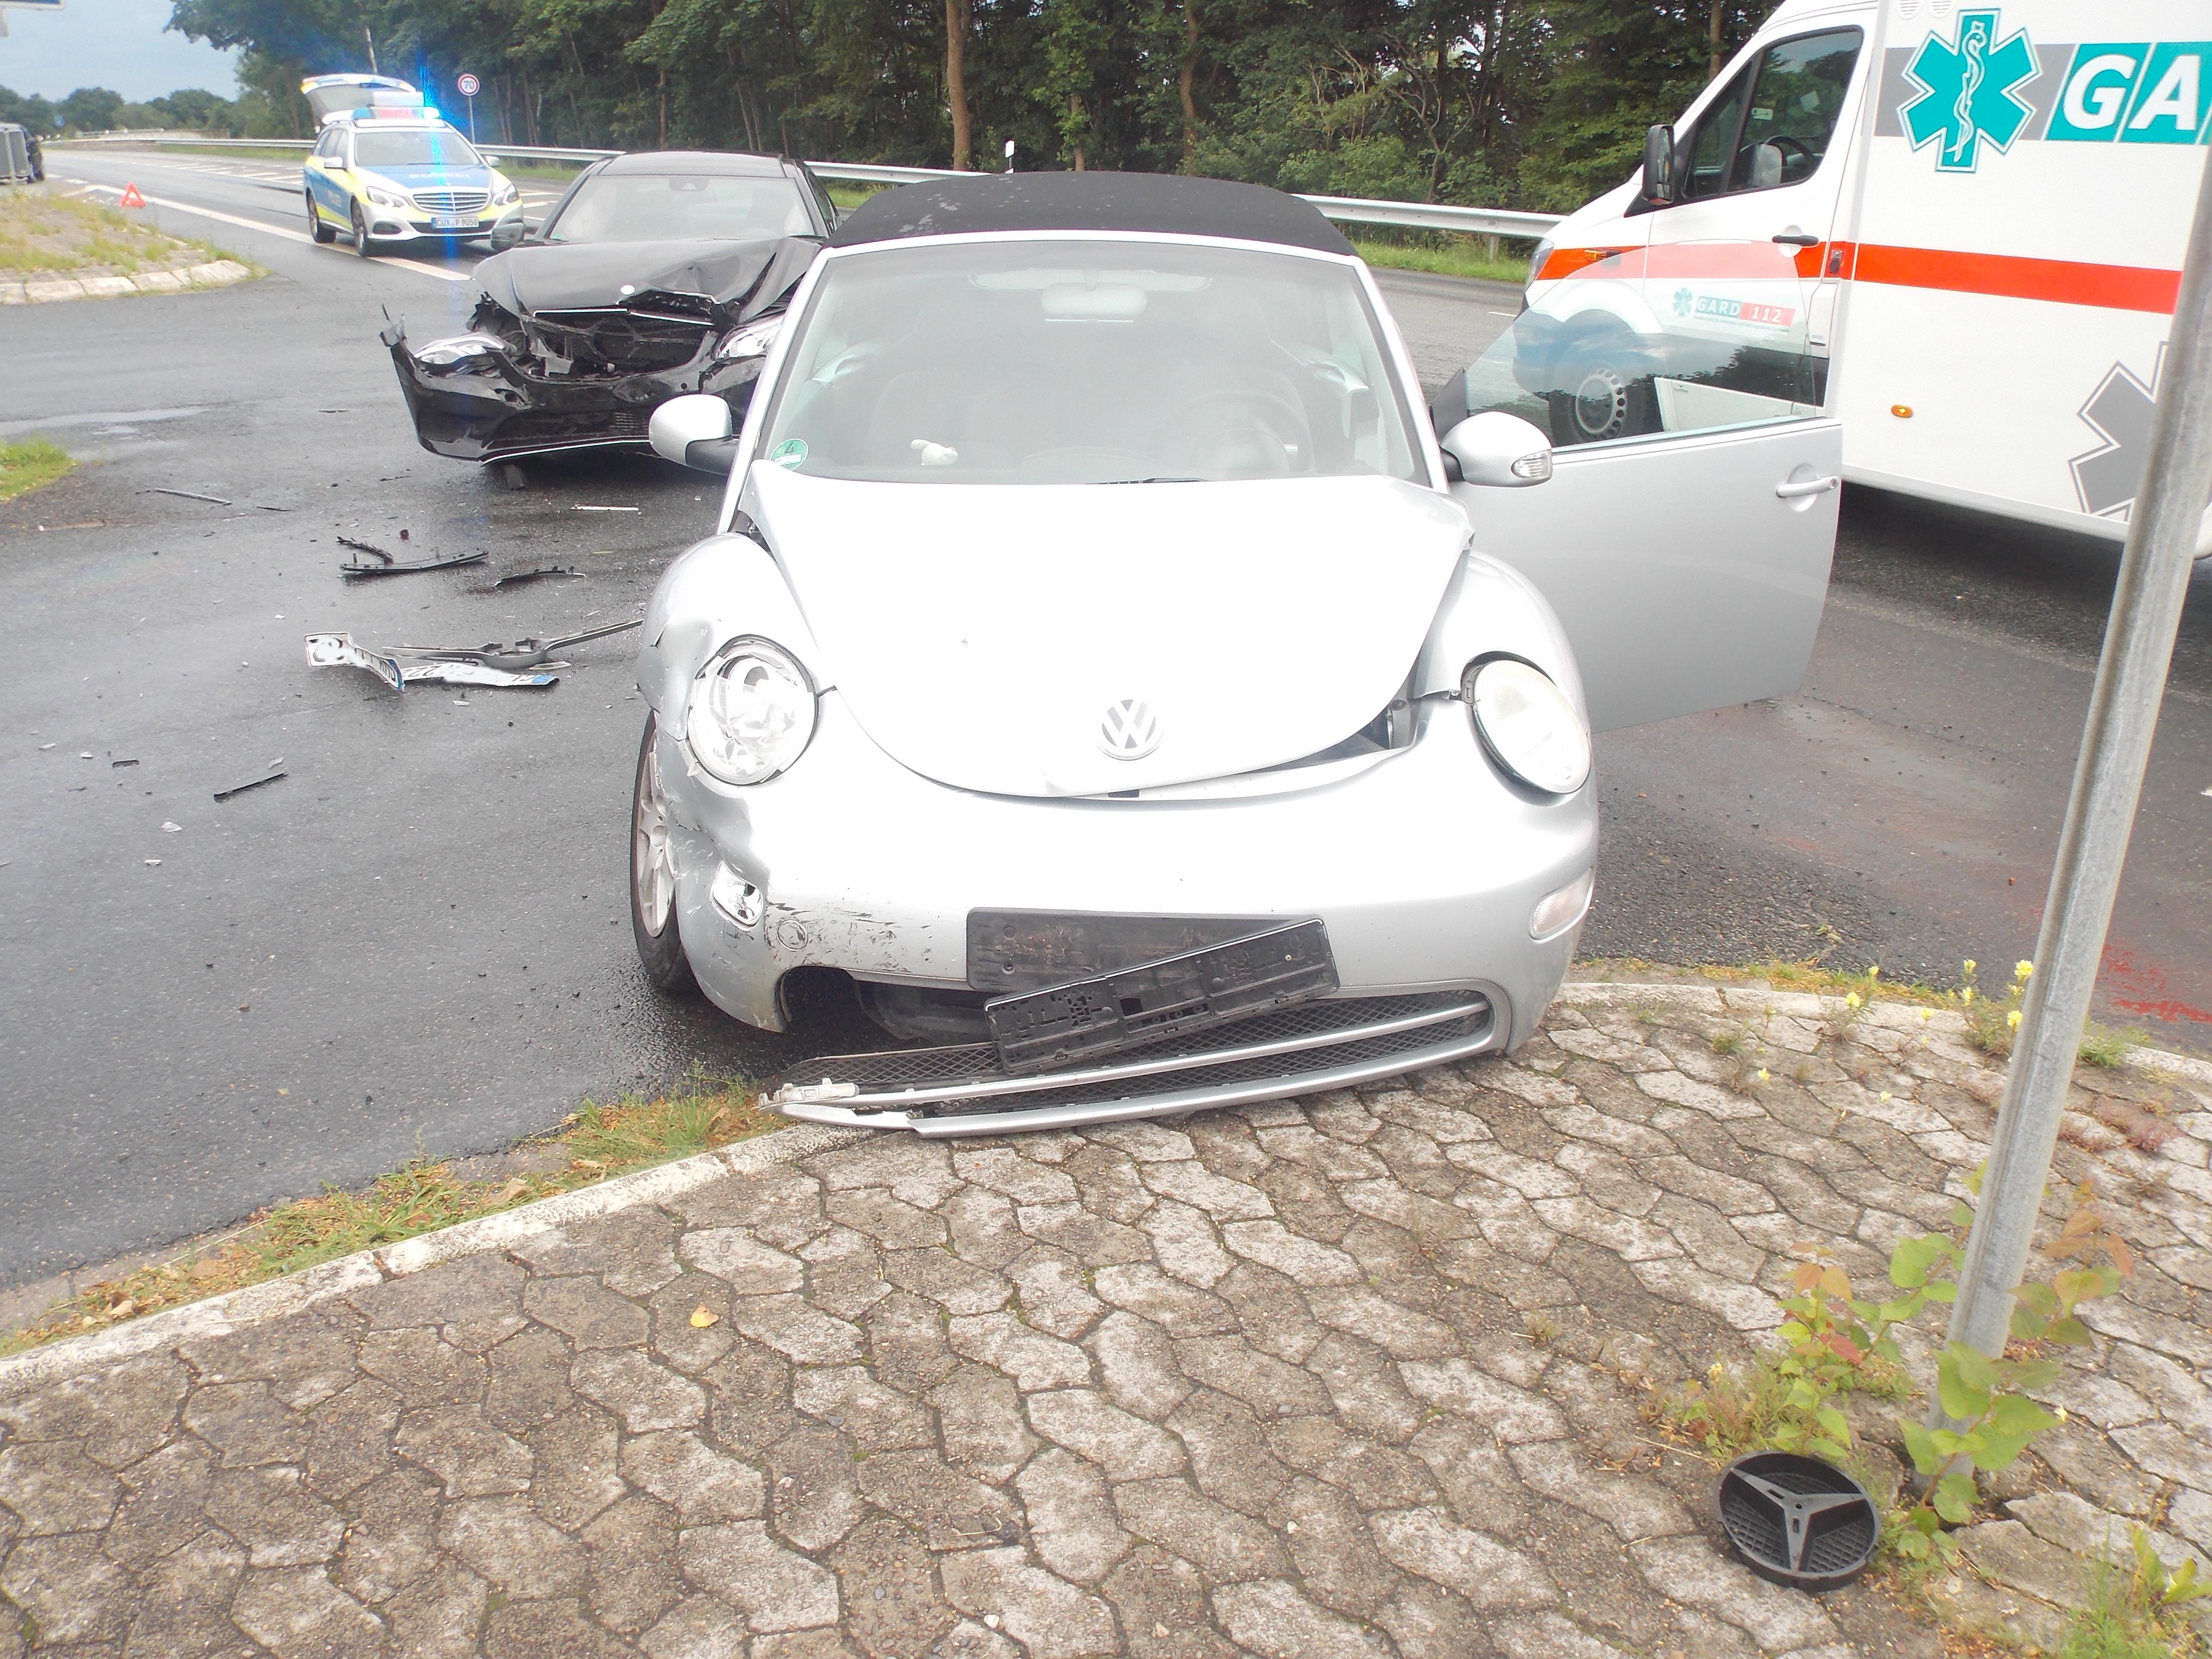 Am Donnerstagabend, des 30. Juni 2016 gegen 20:15 Uhr kam es in Debstedt zu einem Unfall mit zwei leicht Verletzten (Foto: OTS)